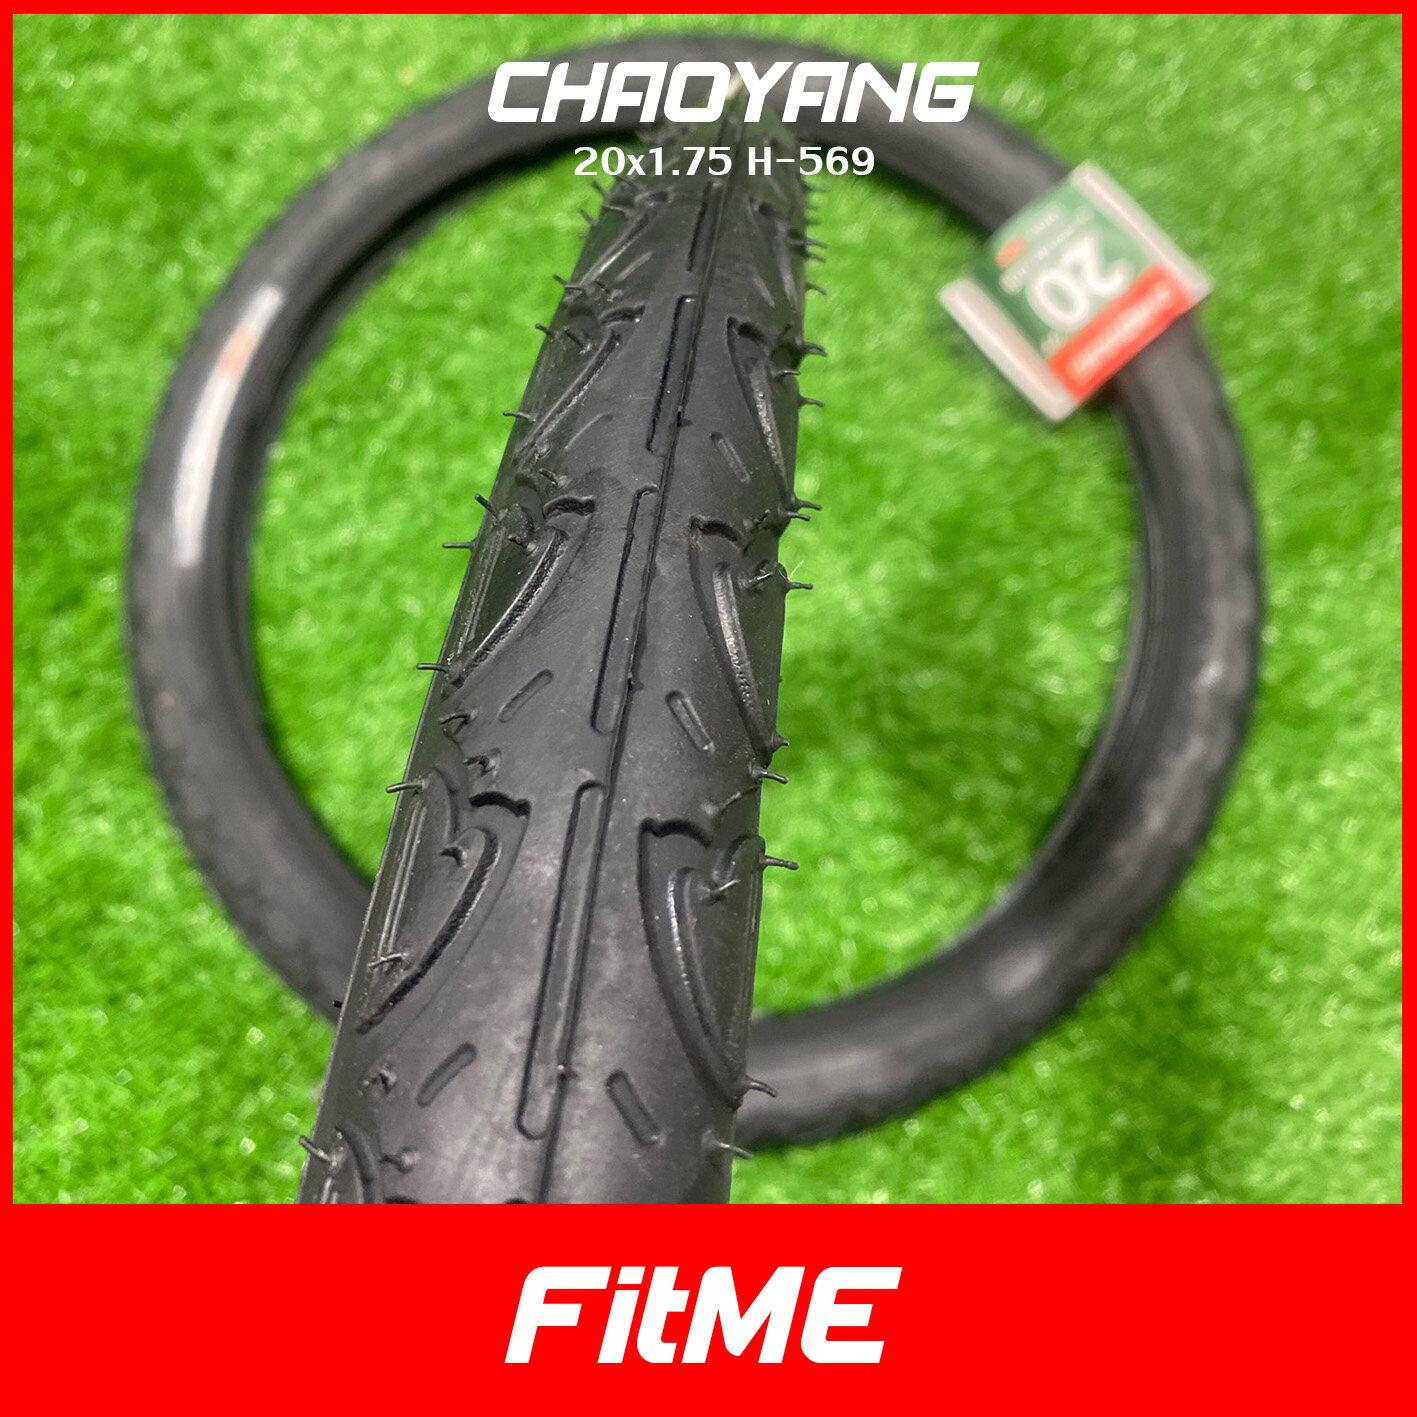 ยางจักรยาน ยางรถจักรยาน ยางนอก Chaoyang20x1.75 H-569 S405012.